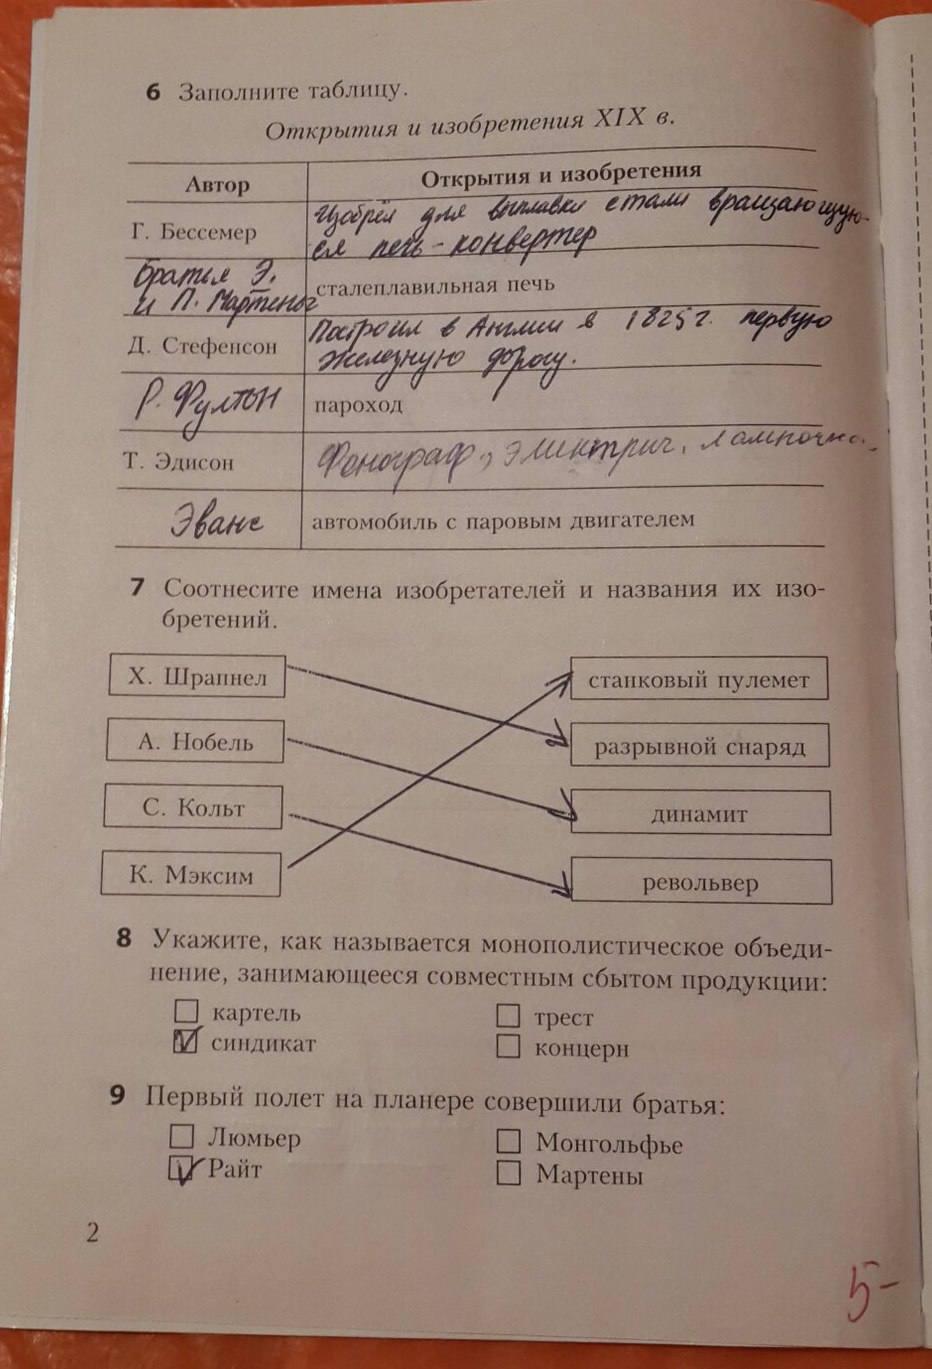 Тетрадь ответы гдз репин рабочая россии история класс 8